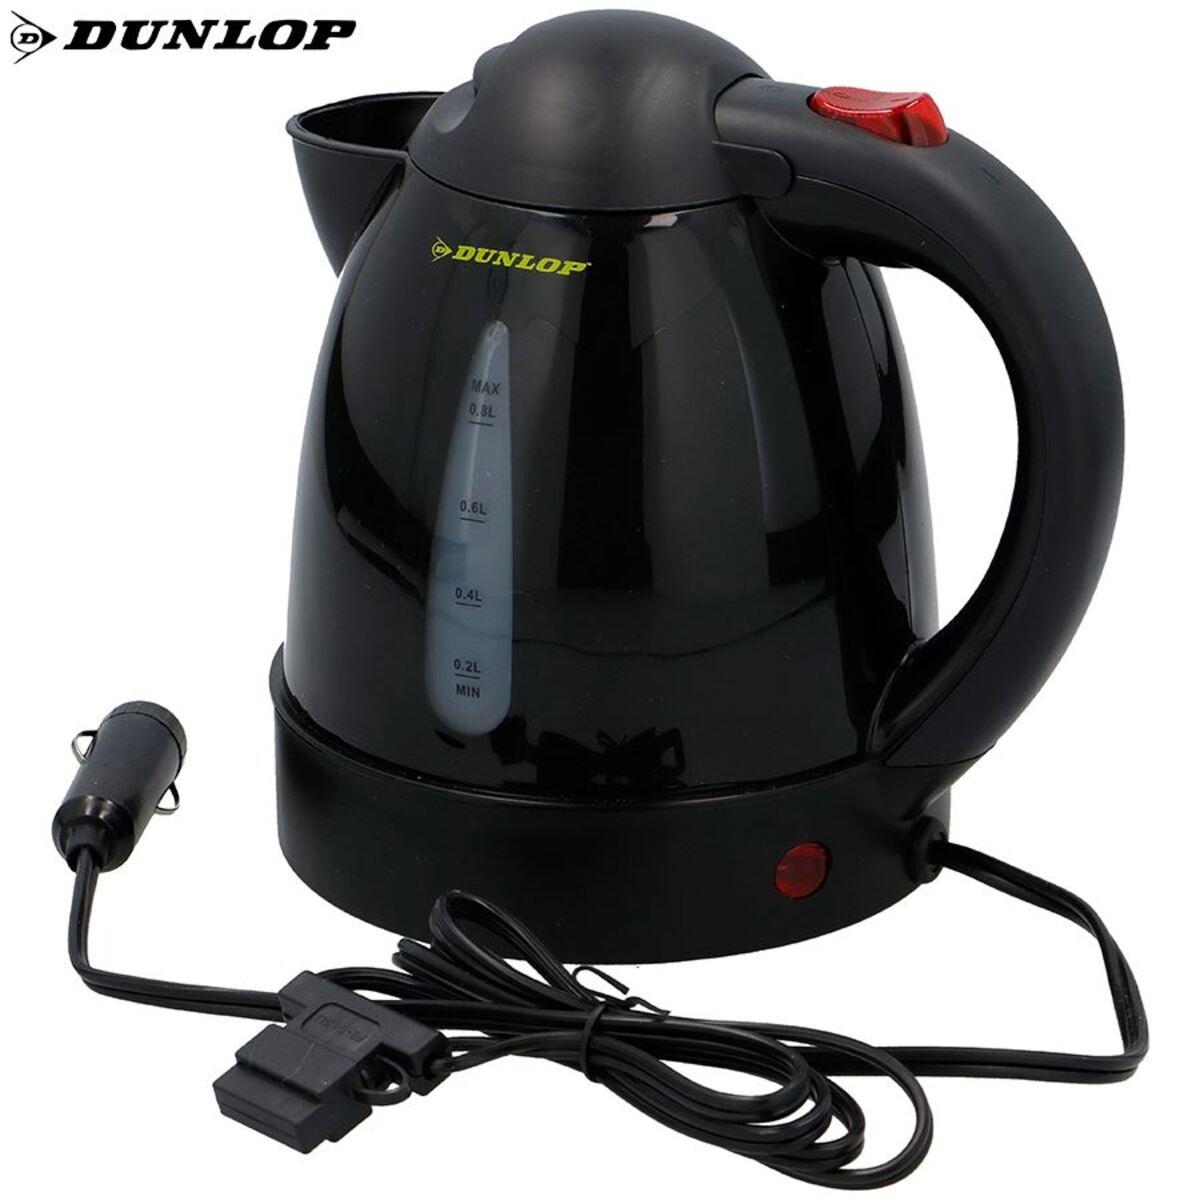 Bild 1 von Dunlop Auto-Wasserkocher 0,8L Schwarz